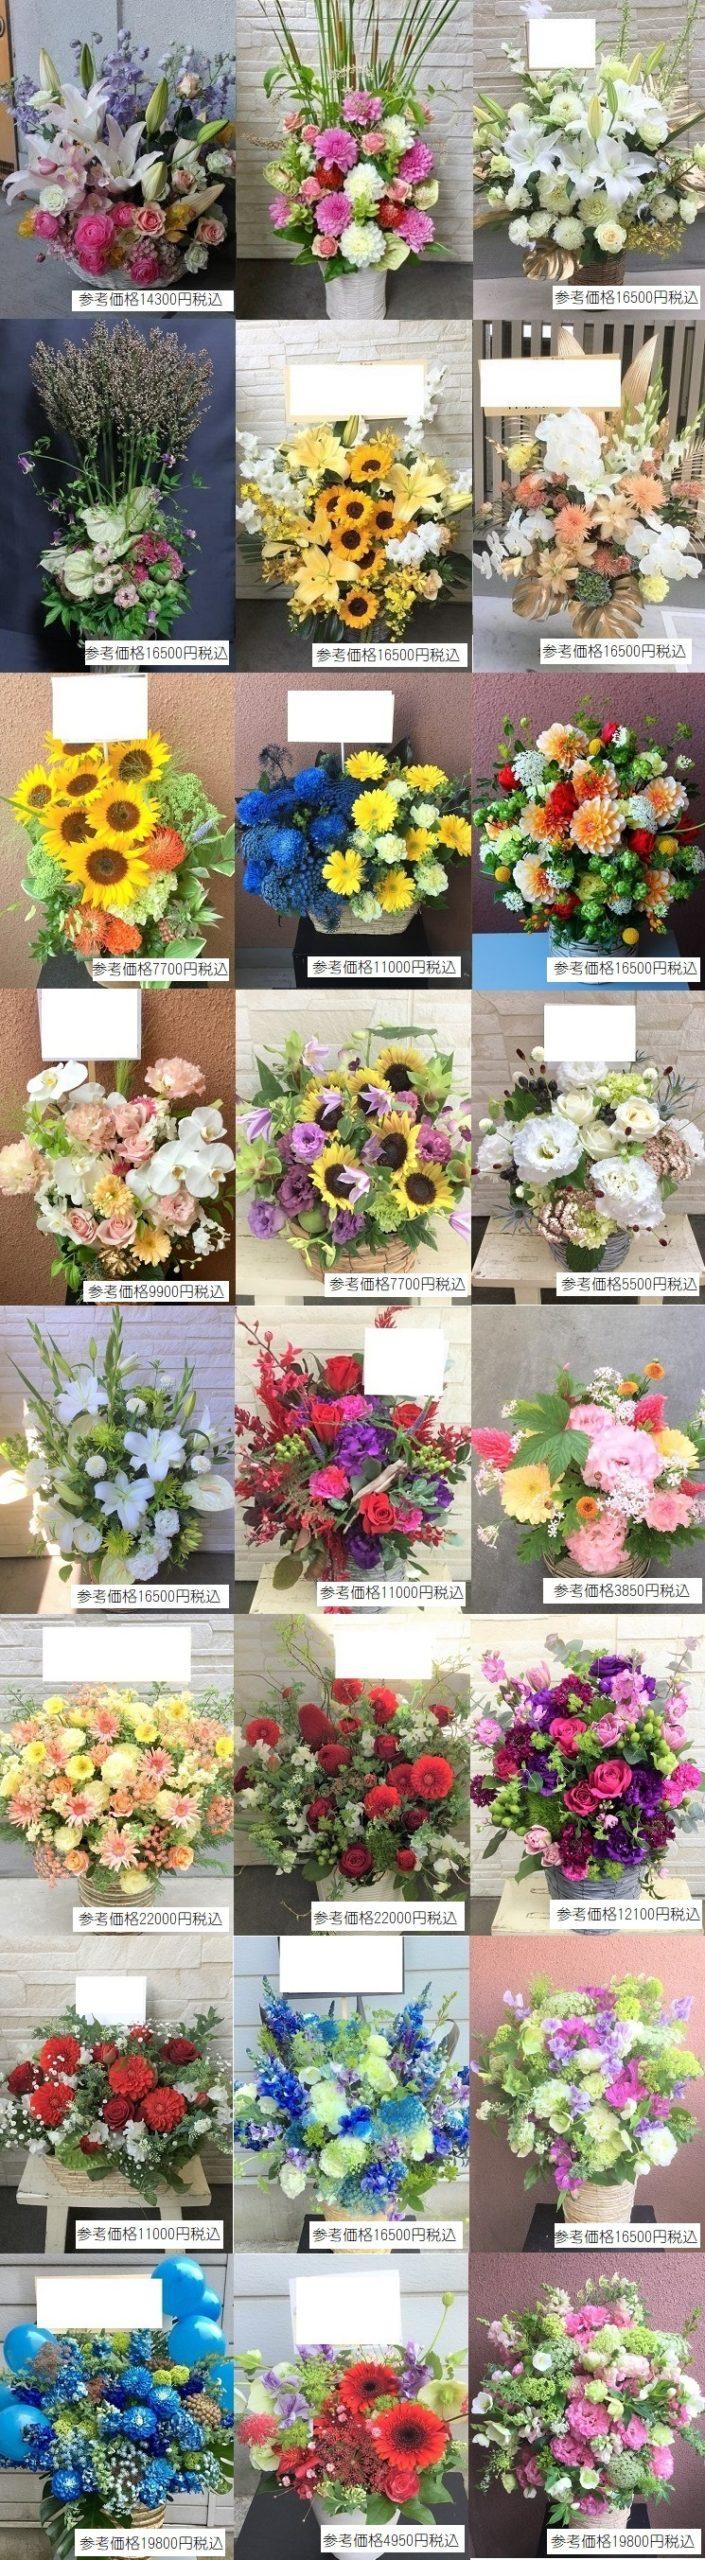 楽屋花フラワーアレンジメント 通販